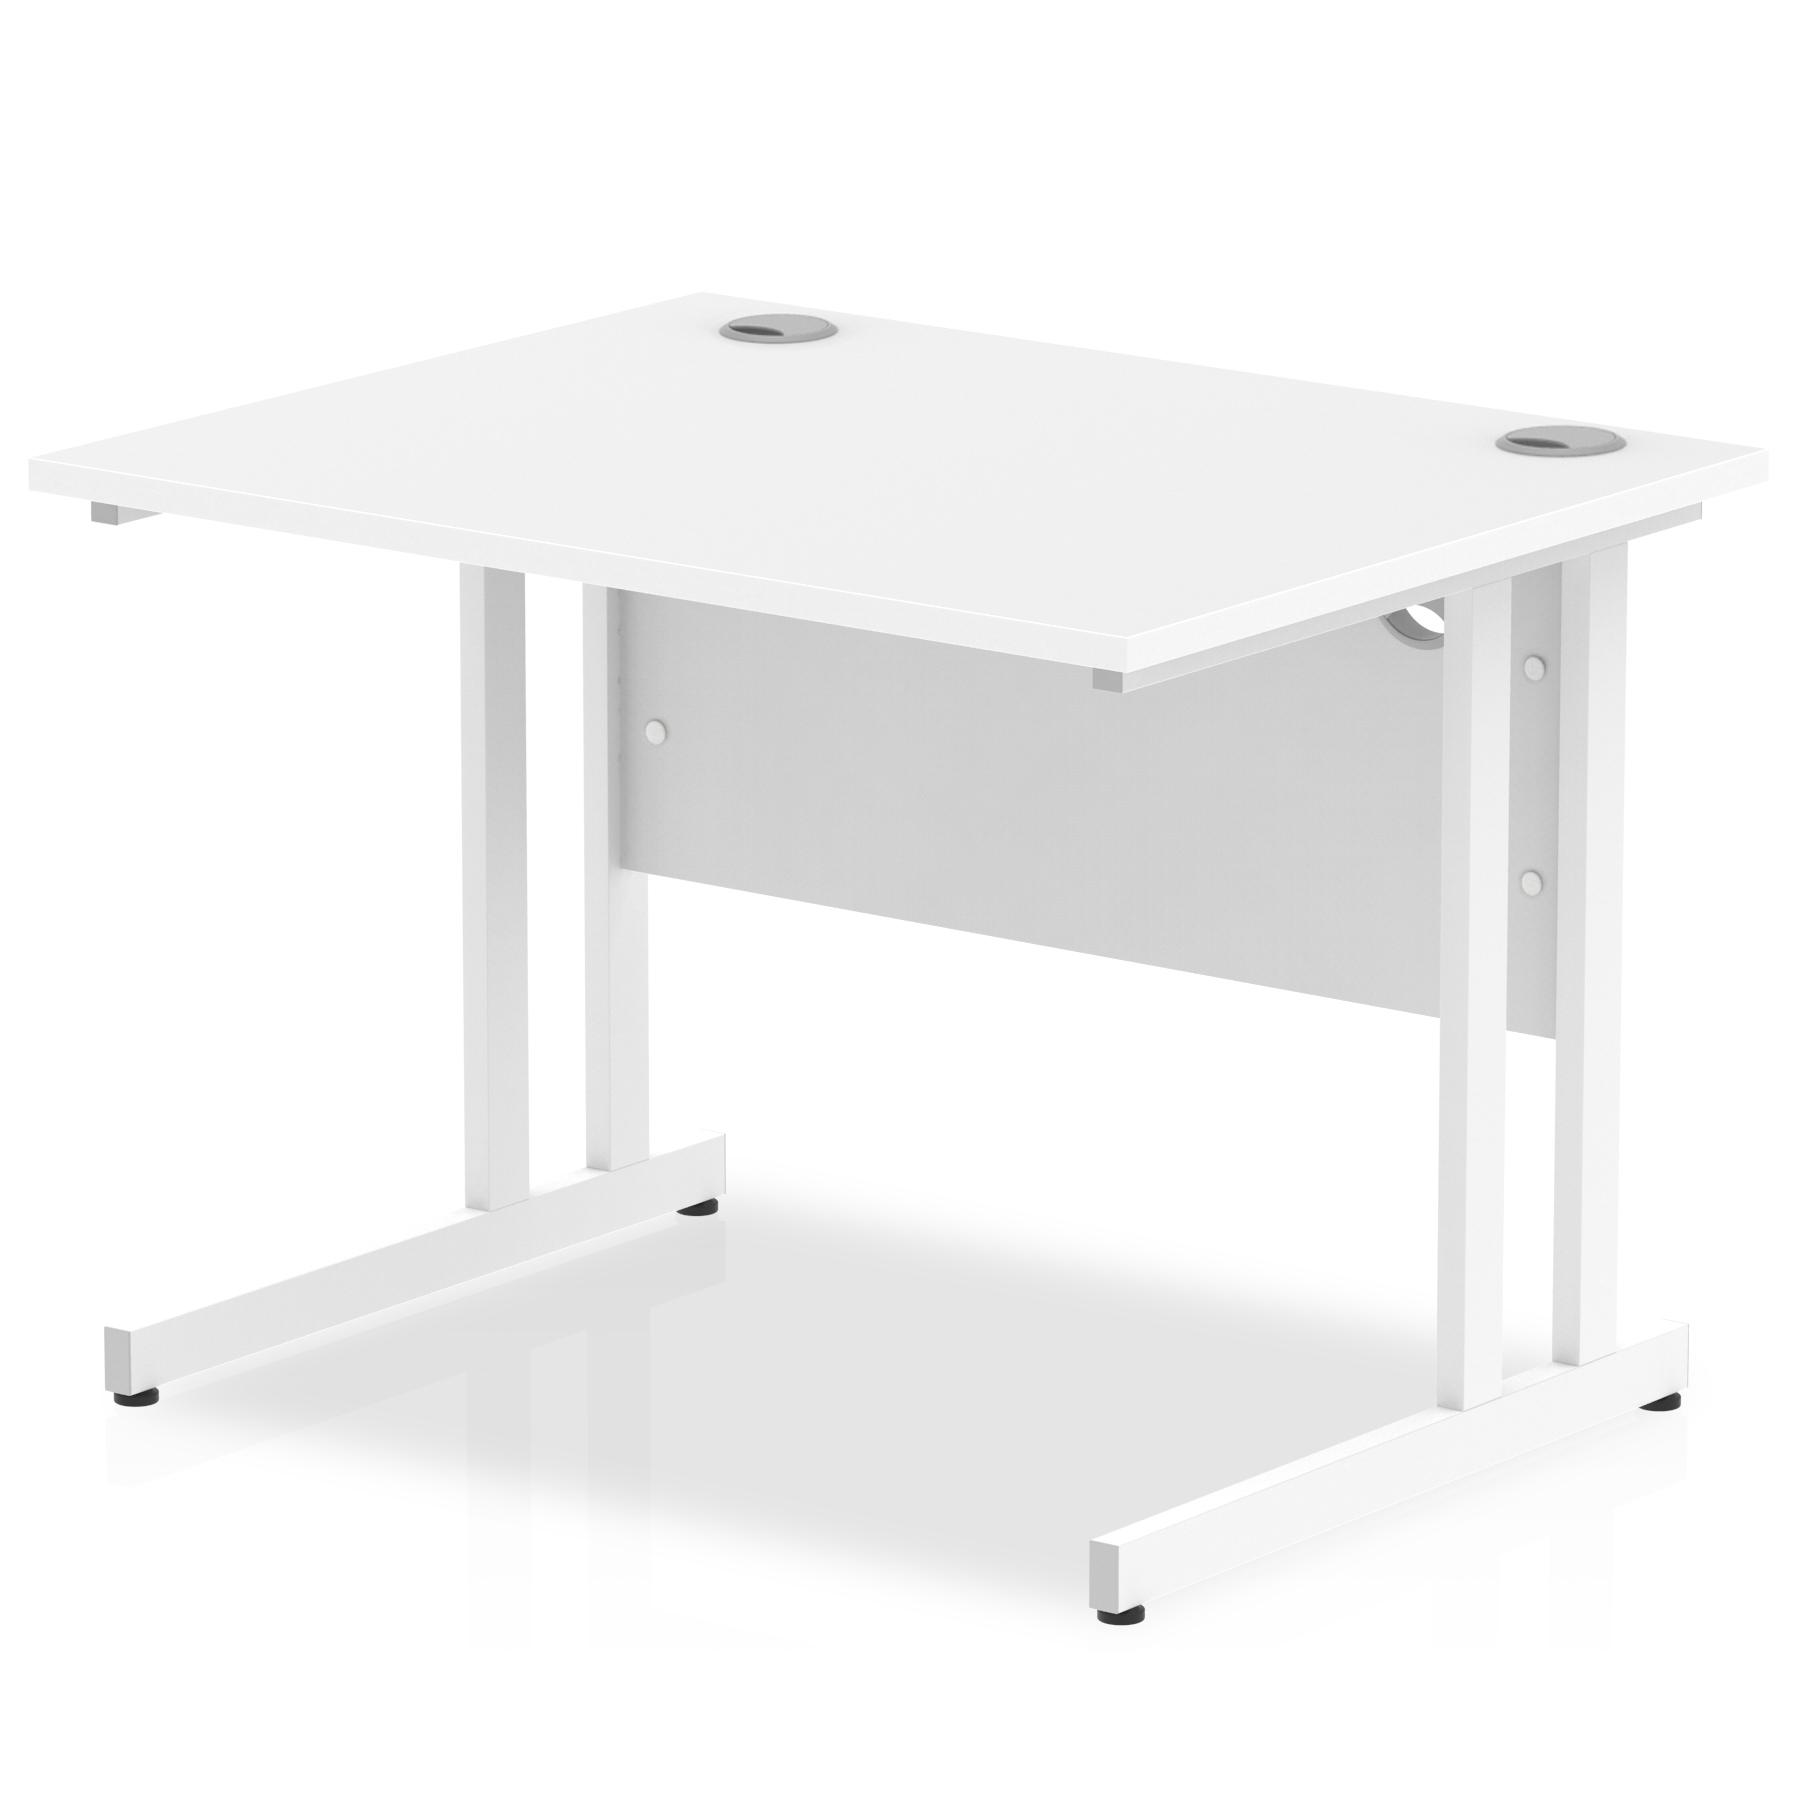 Rectangular Desks Impulse 1000 x 800mm Straight Desk White Top White Cantilever Leg MI002190